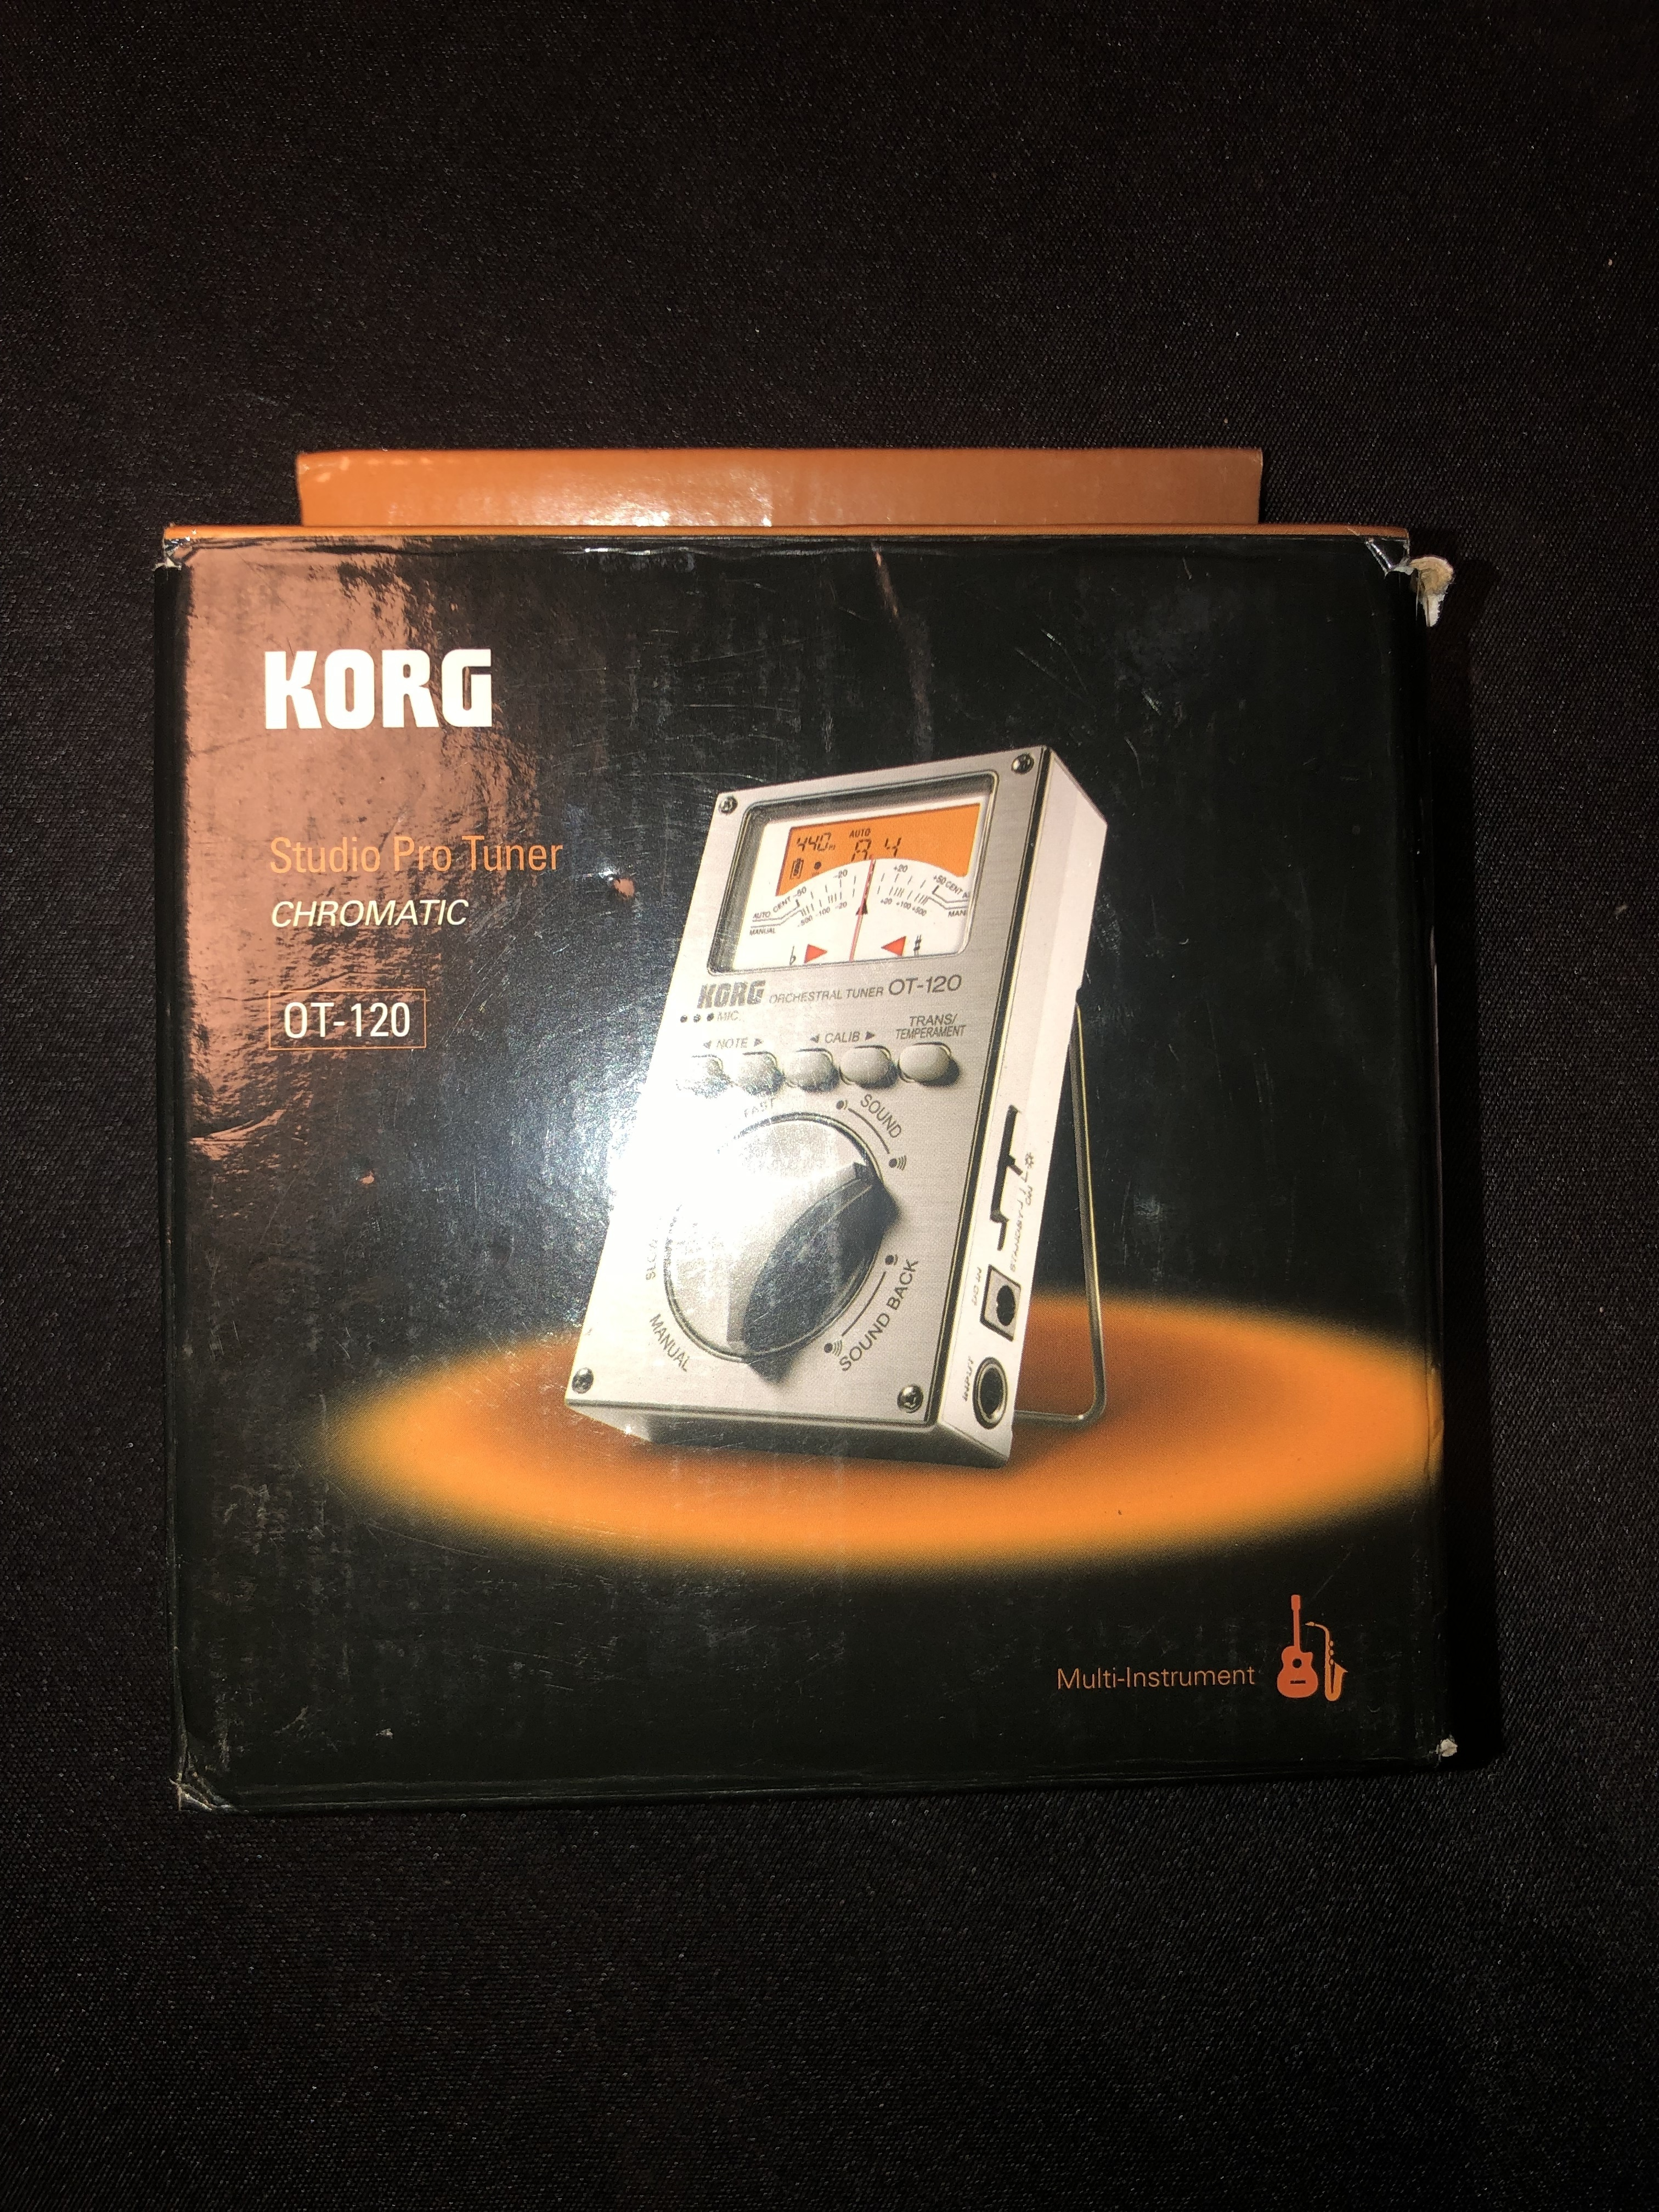 Korg Chromatic Studio Pro Tuner OT-120